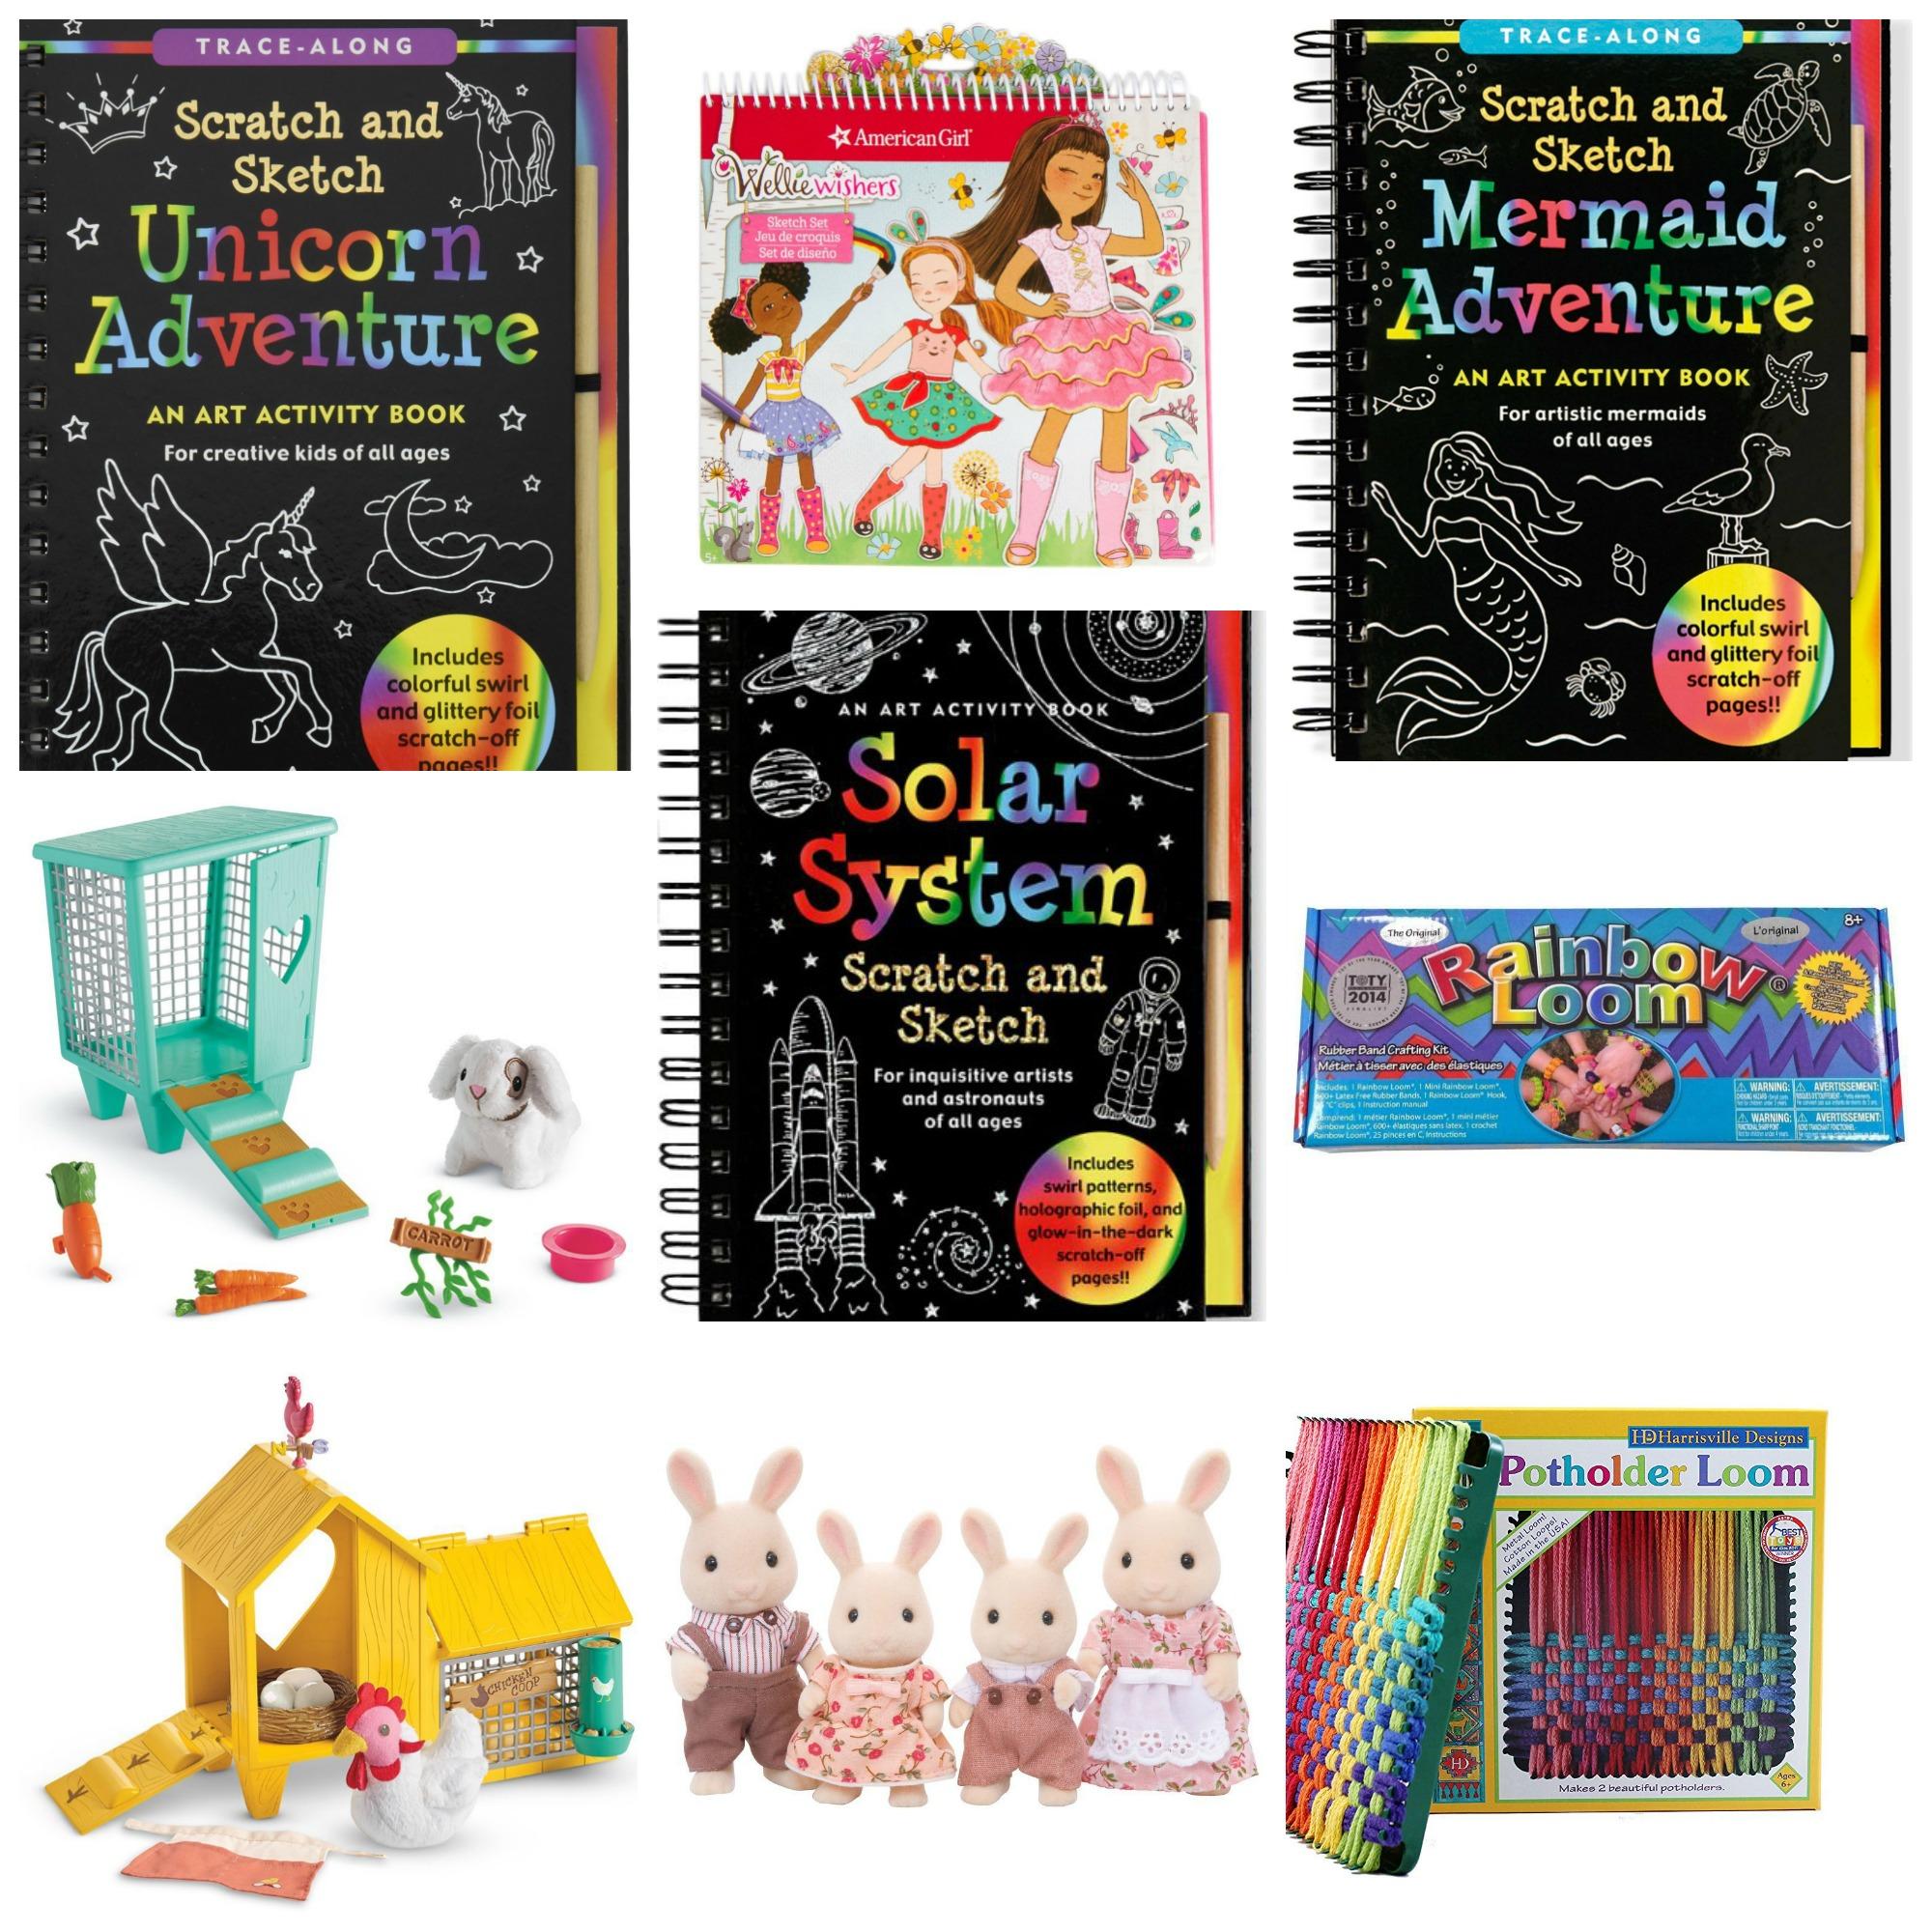 Easter Blog 2018 Extra Gift Ideas.jpg